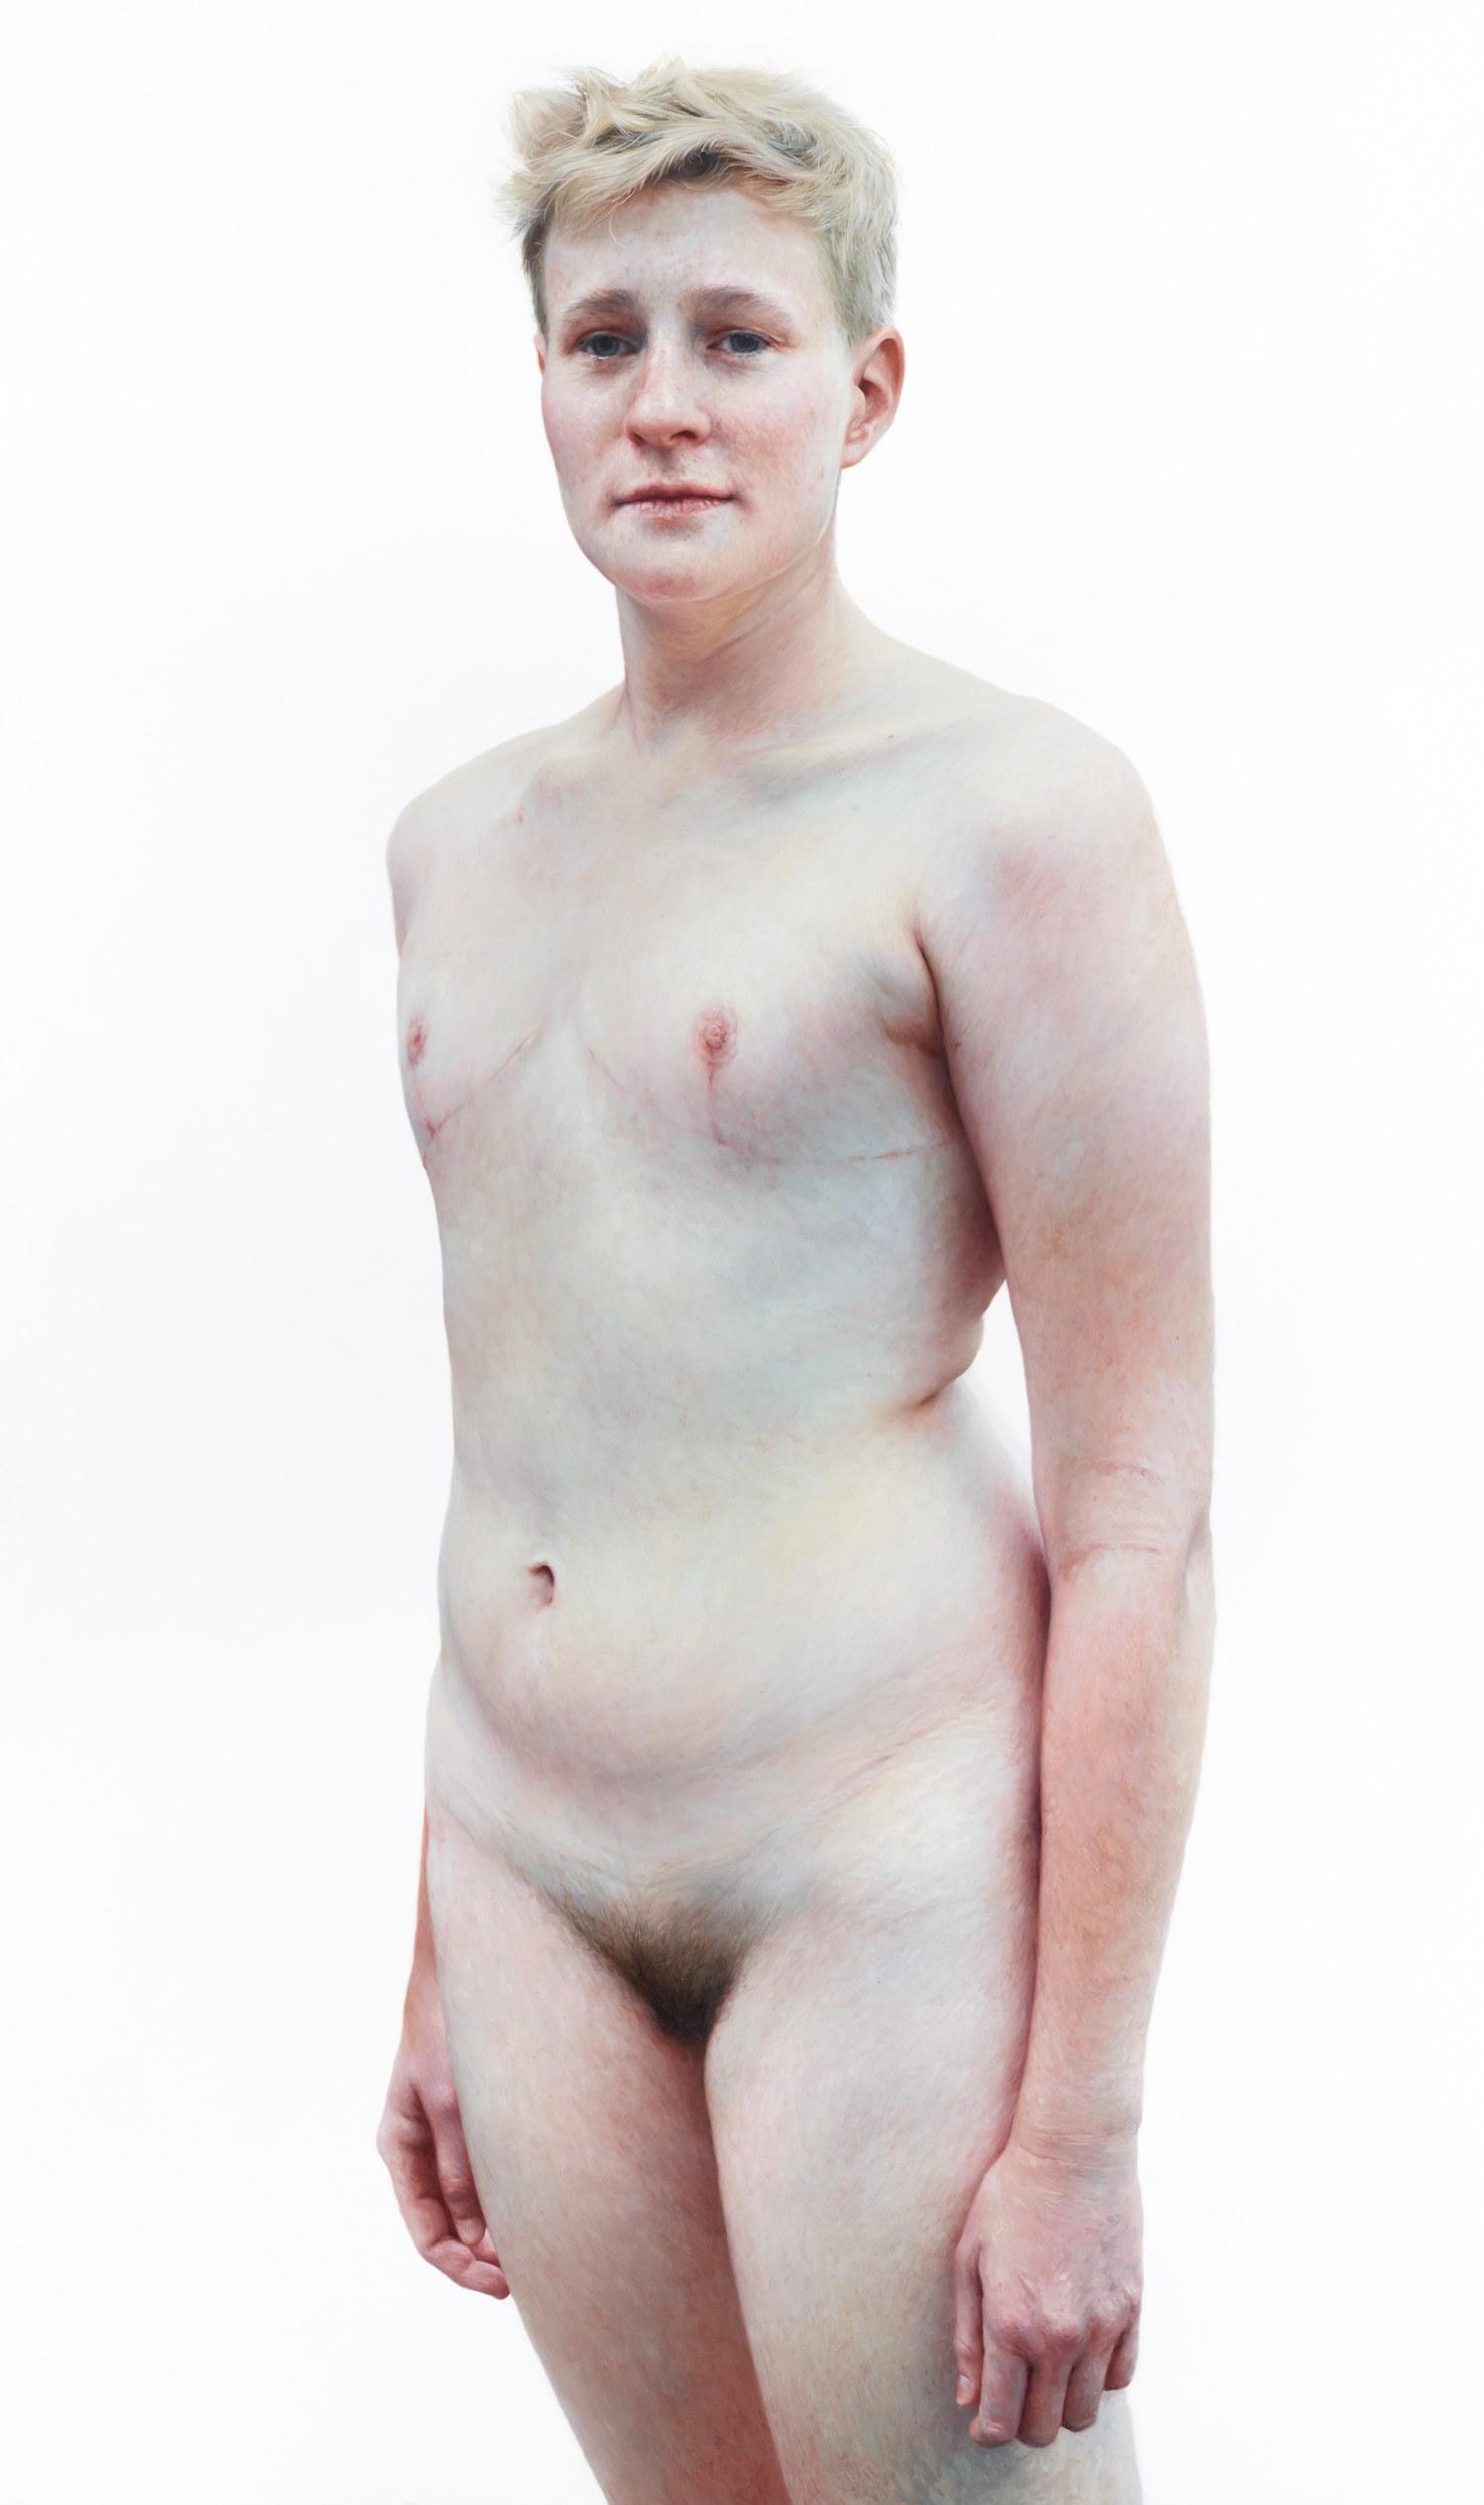 imageshare  nudist